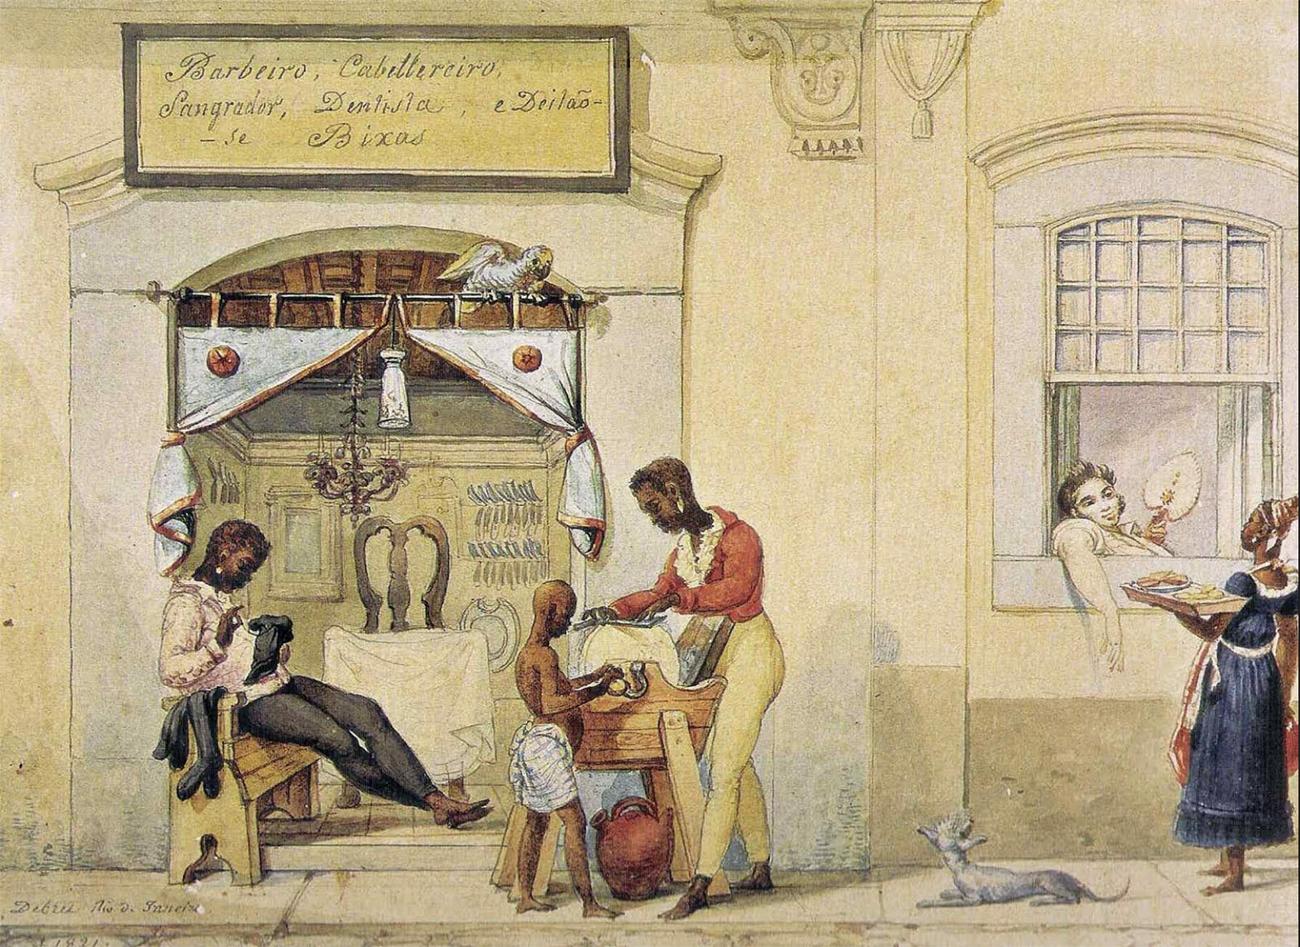 Debret retrata barbearia do Rio de Janeiro